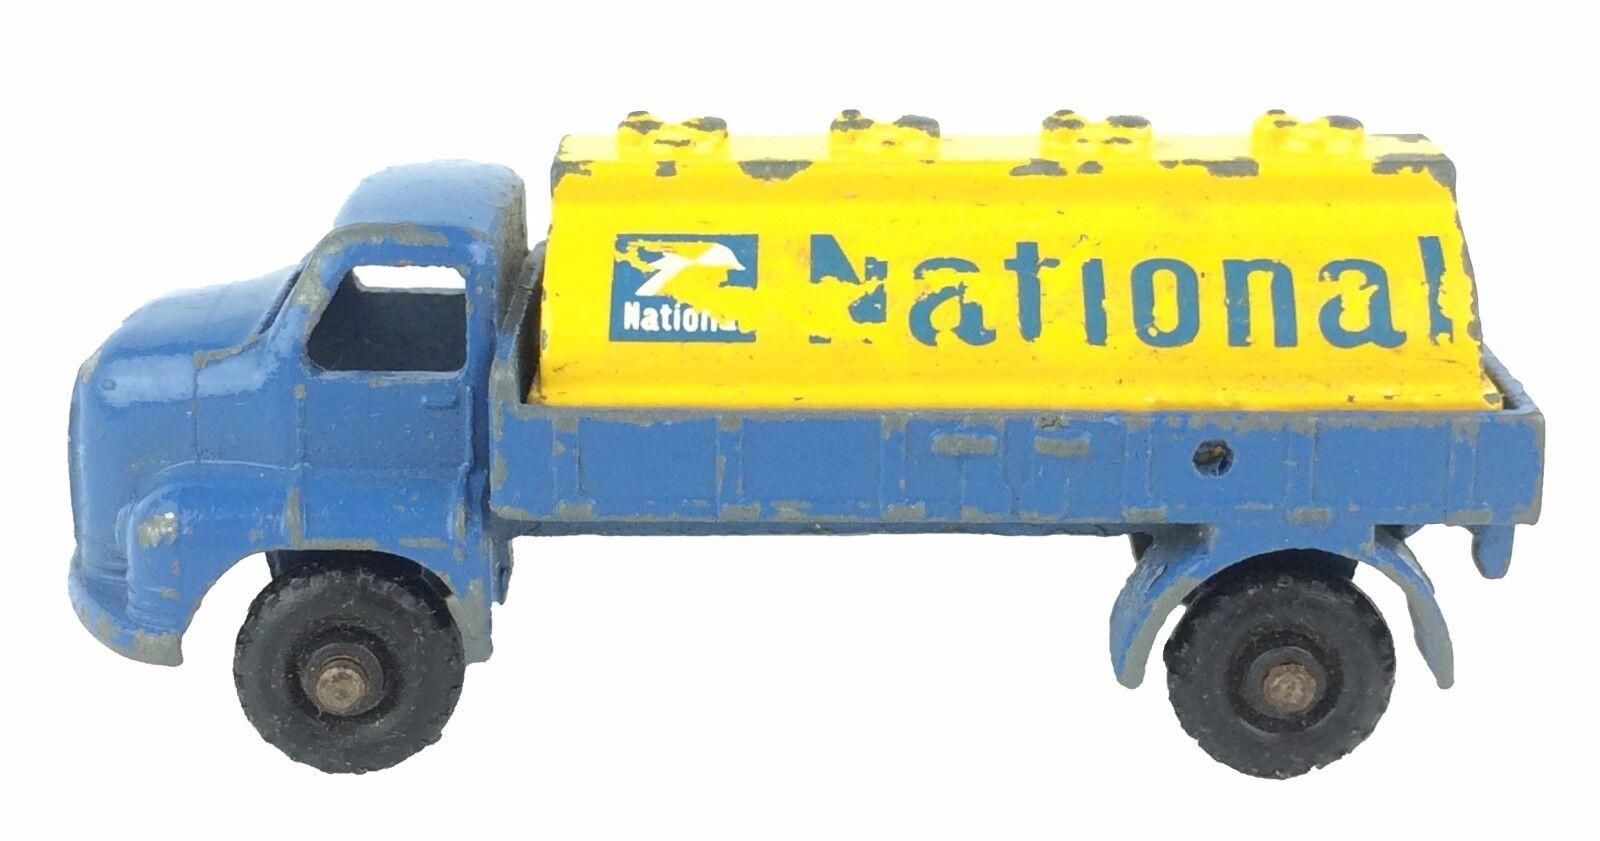 Budgie Modelo Vintage Vintage Vintage Juguete Diecast Nacional Petrolero serie camión de aceite b92cae